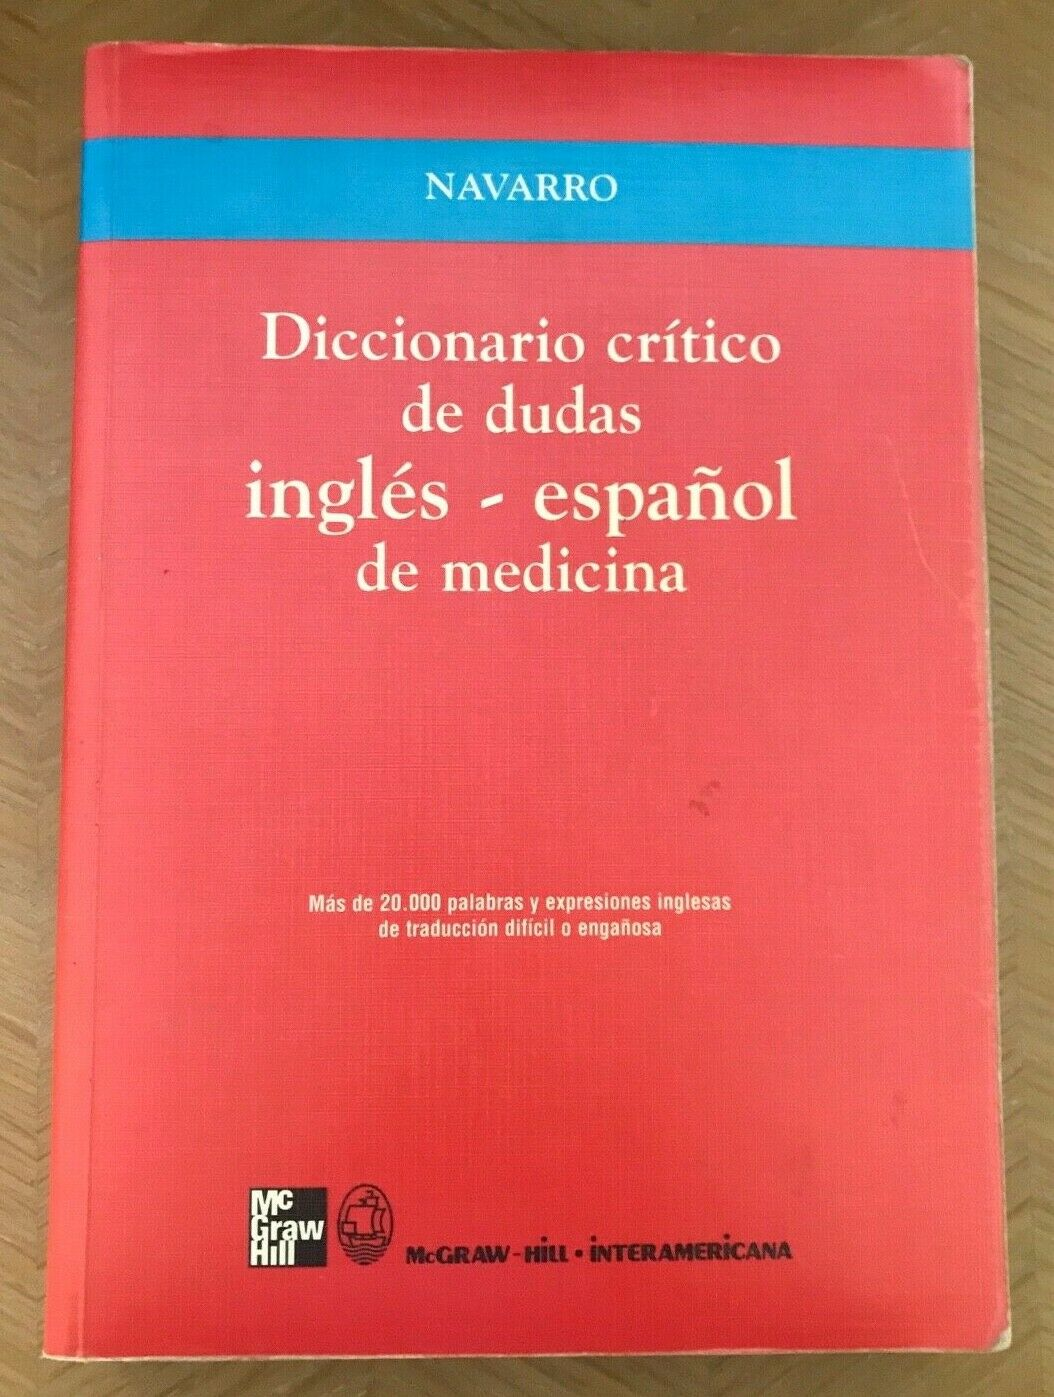 viaLibri ~ Diccionario Critico De Dudad Ingles - Espanol De Medicina  (ISBN:84-486-0286-4)